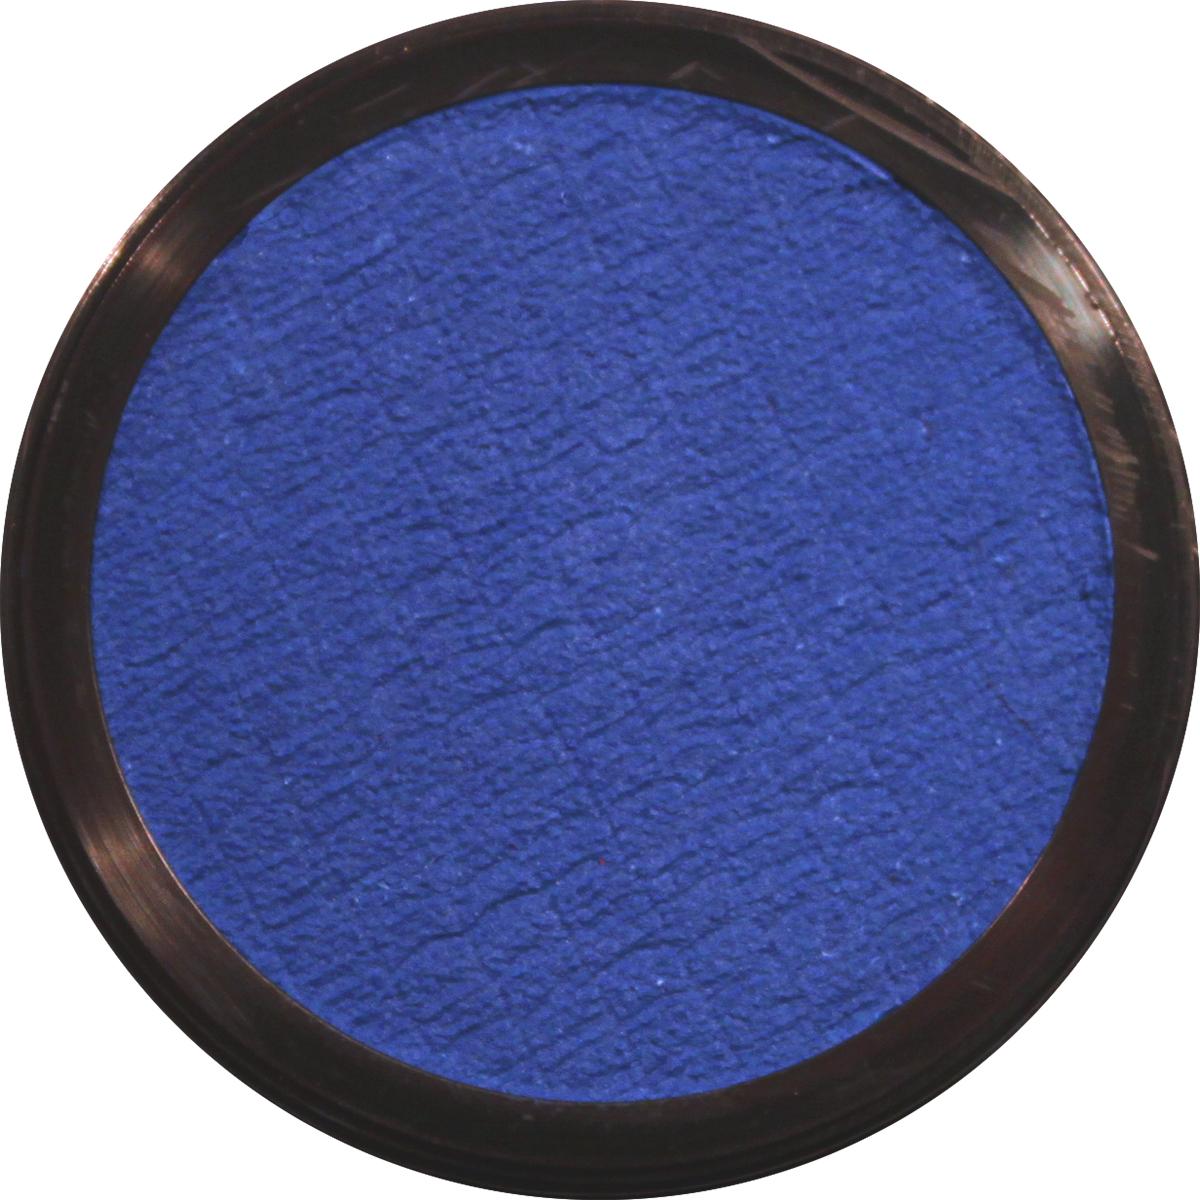 Eulenspiegel Profi Schminke 20ml kornblumenblau